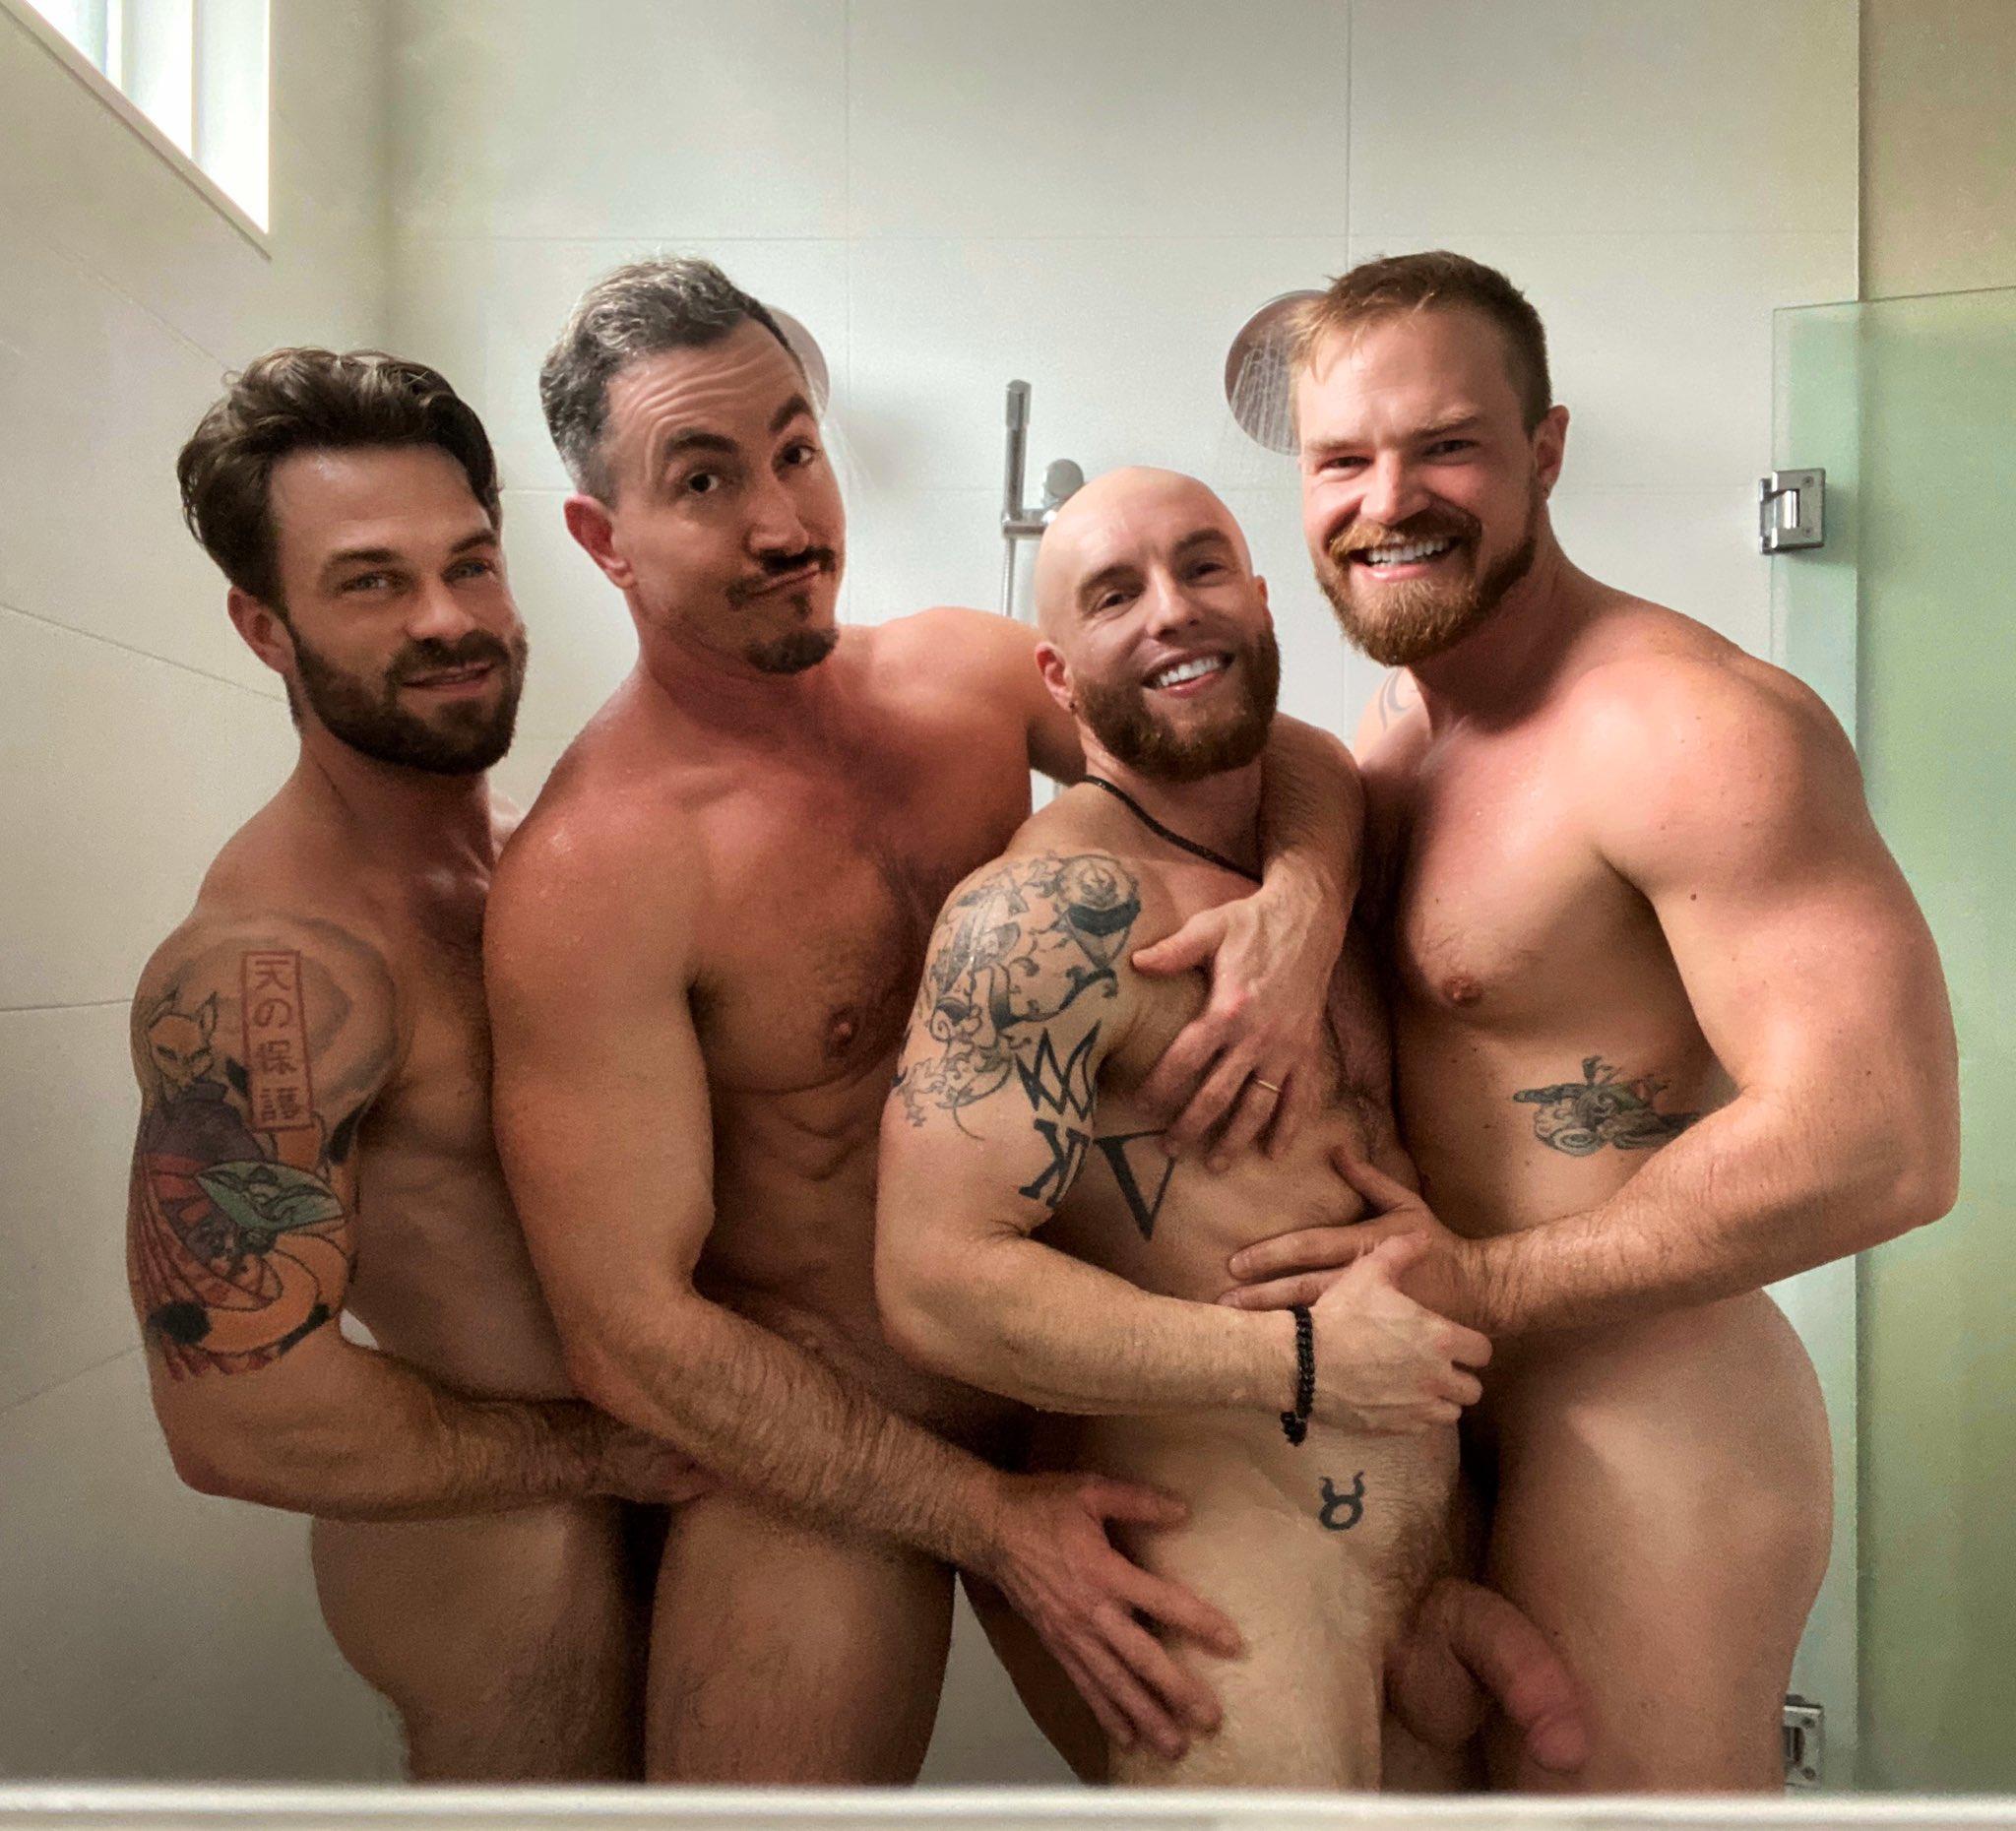 amigos desnudos en la ducha